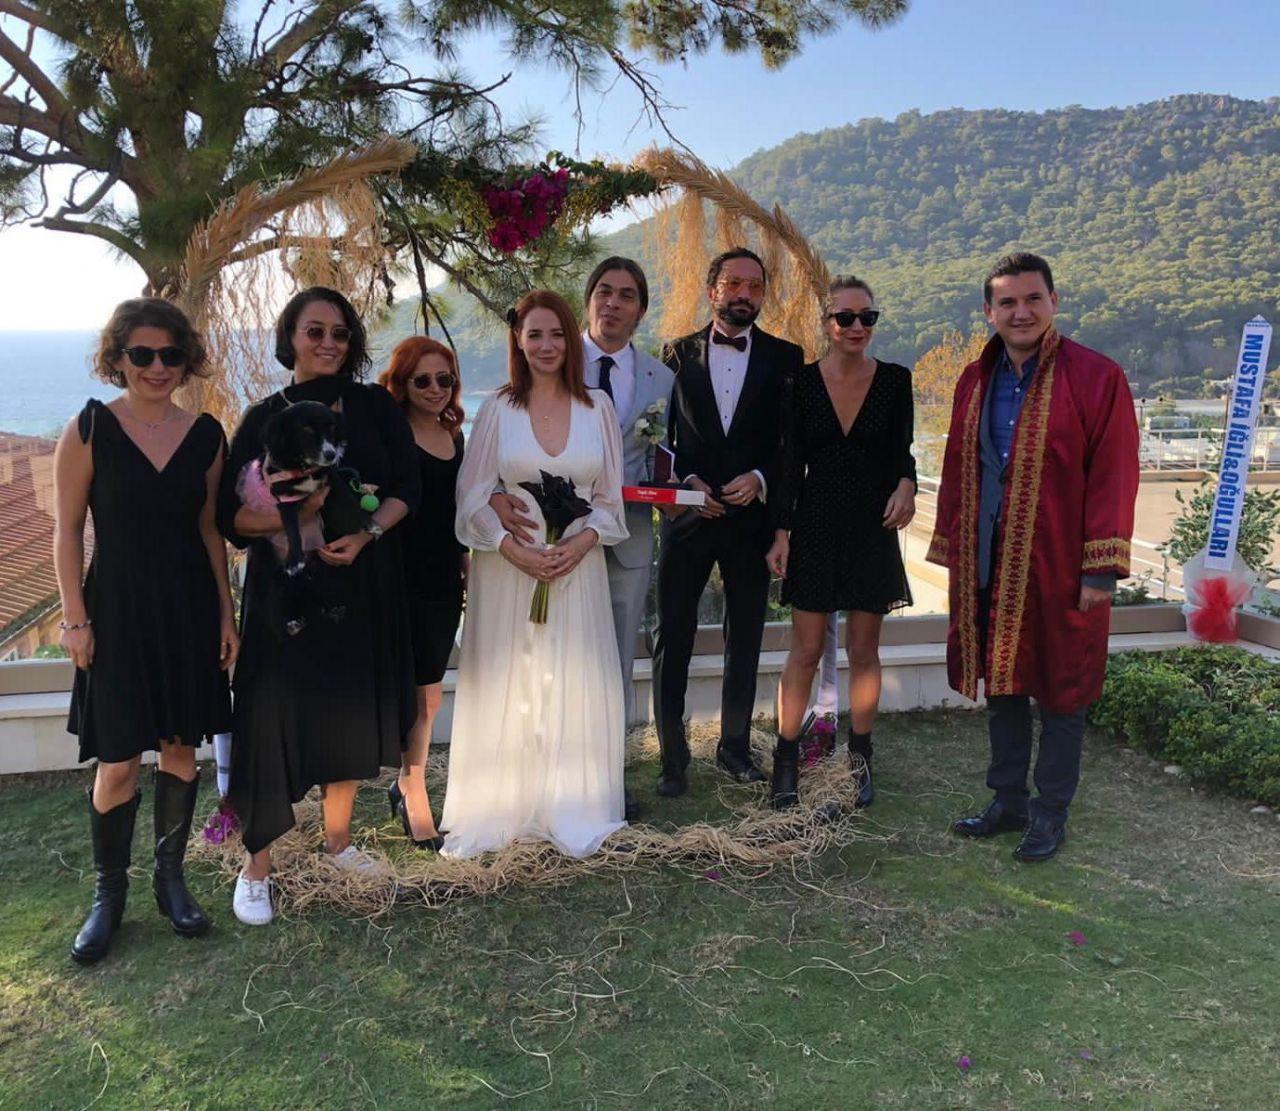 Şarkıçı Aylin Aslım ve Utku Vargı, Antalya'da nikah masasına oturdular - Sayfa 1